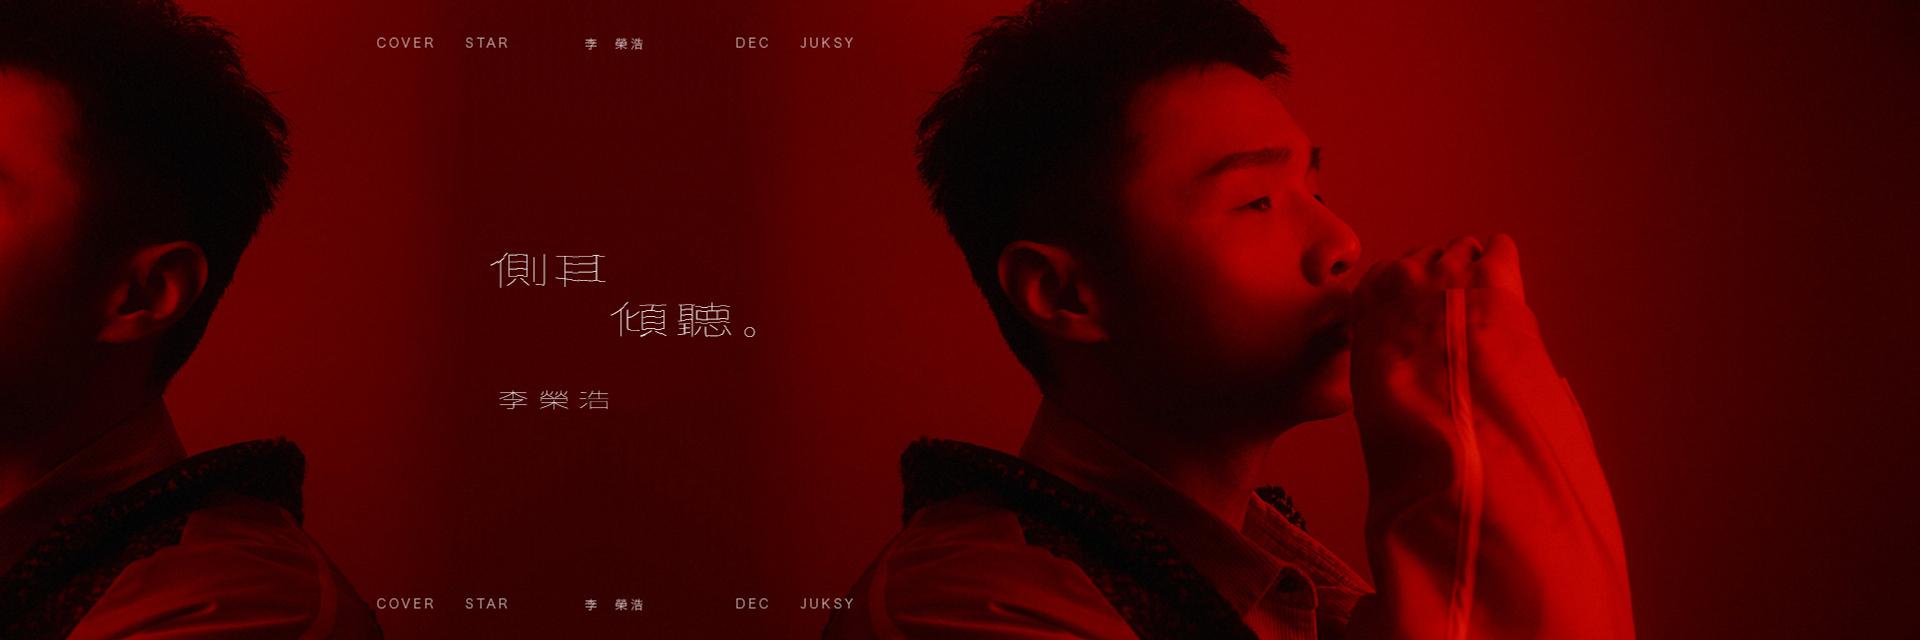 李榮浩大談對音樂的人生哲學:「可以唱得不好,但是一定要有性格!」